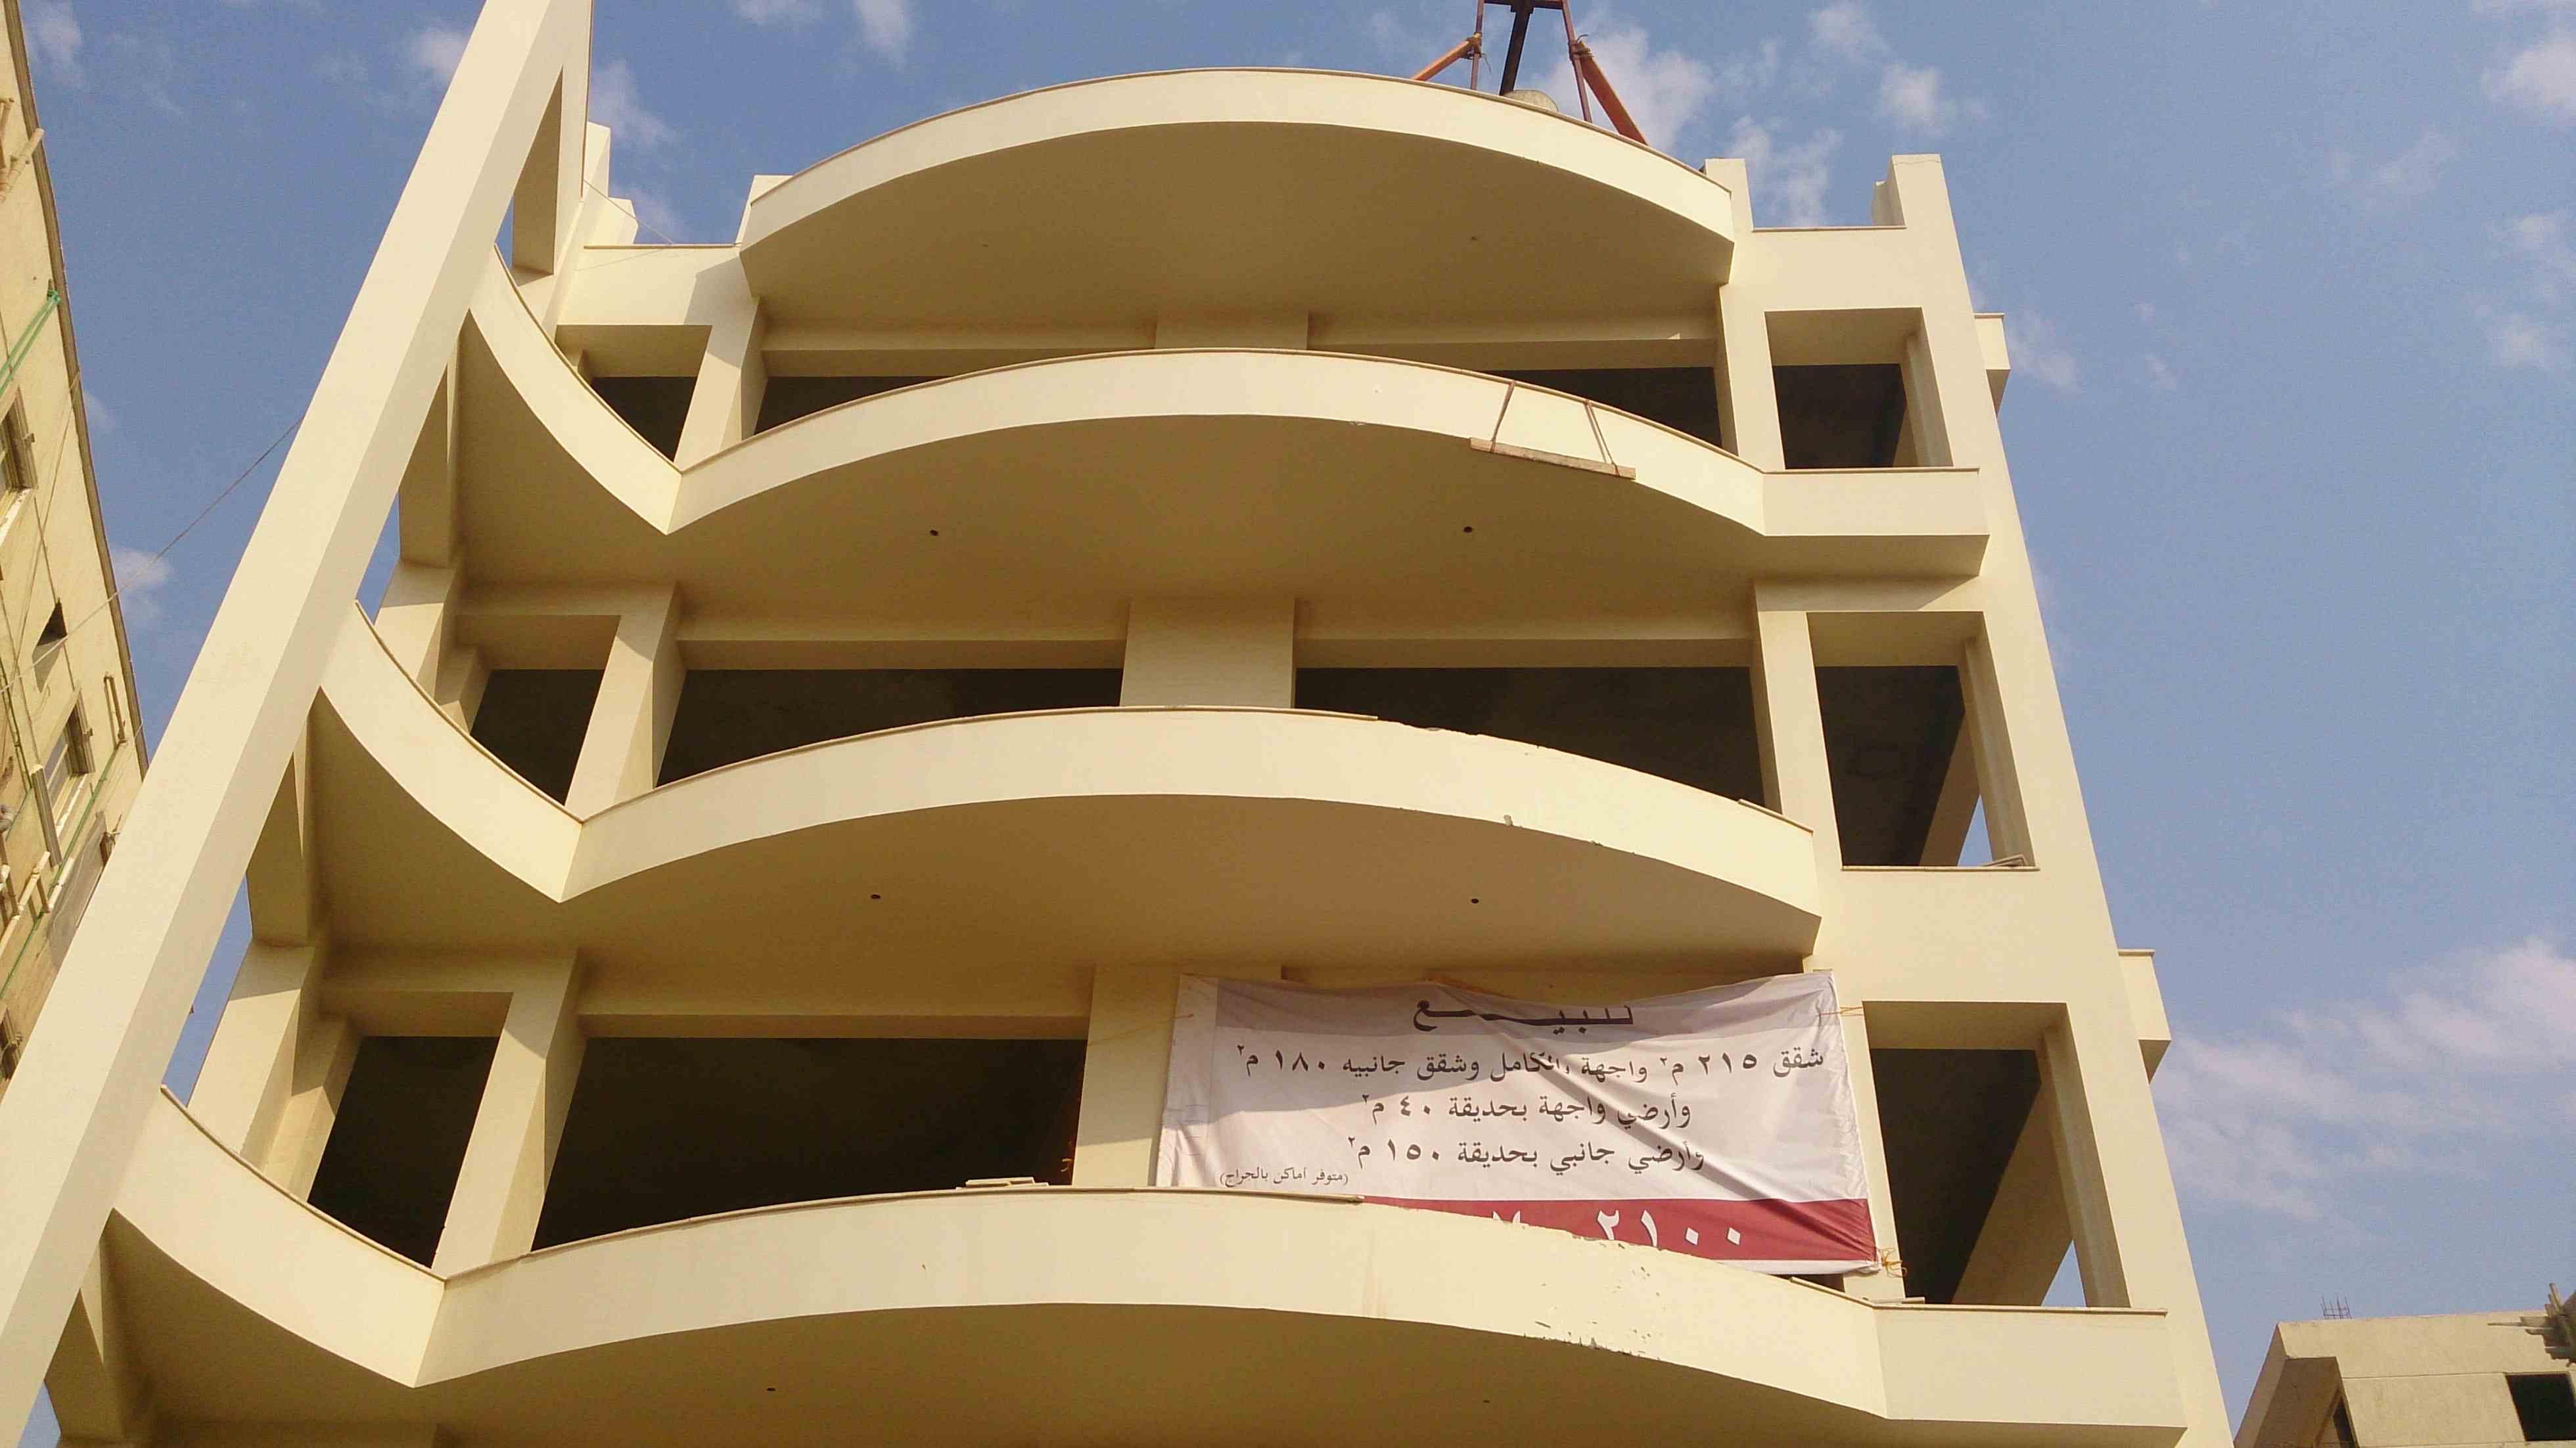 عقار ستوك - شقة 180 م  بعمارات النرجس 2  القاهرة الجديدة